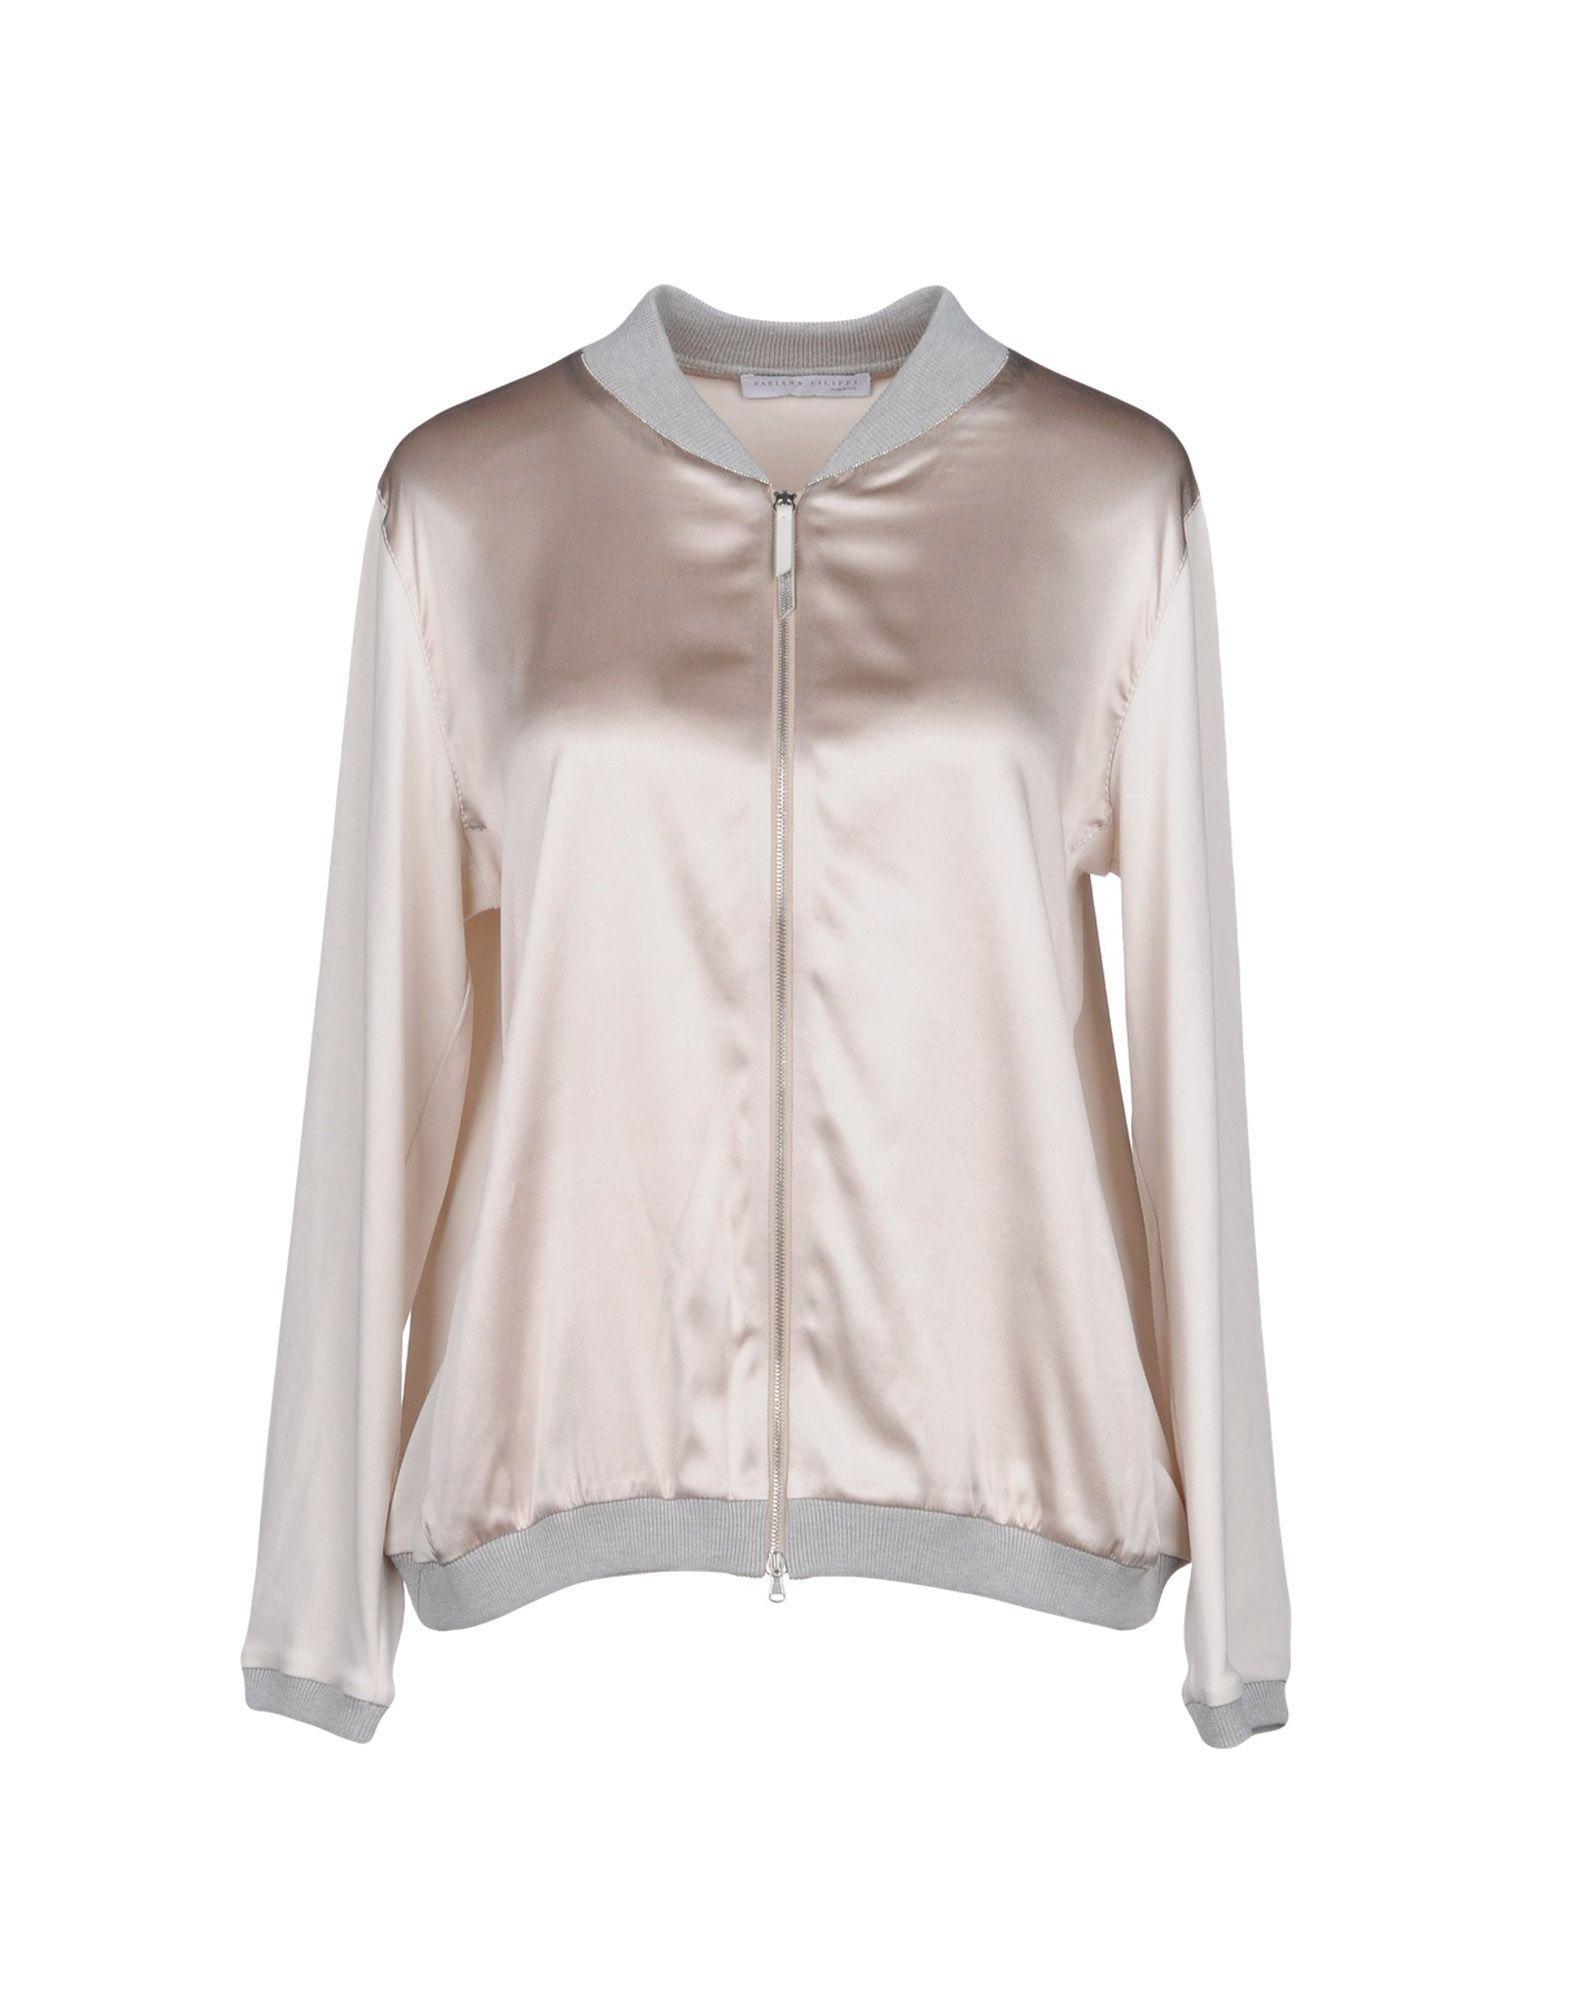 Fabiana Filippi Sweatshirt In Light Grey